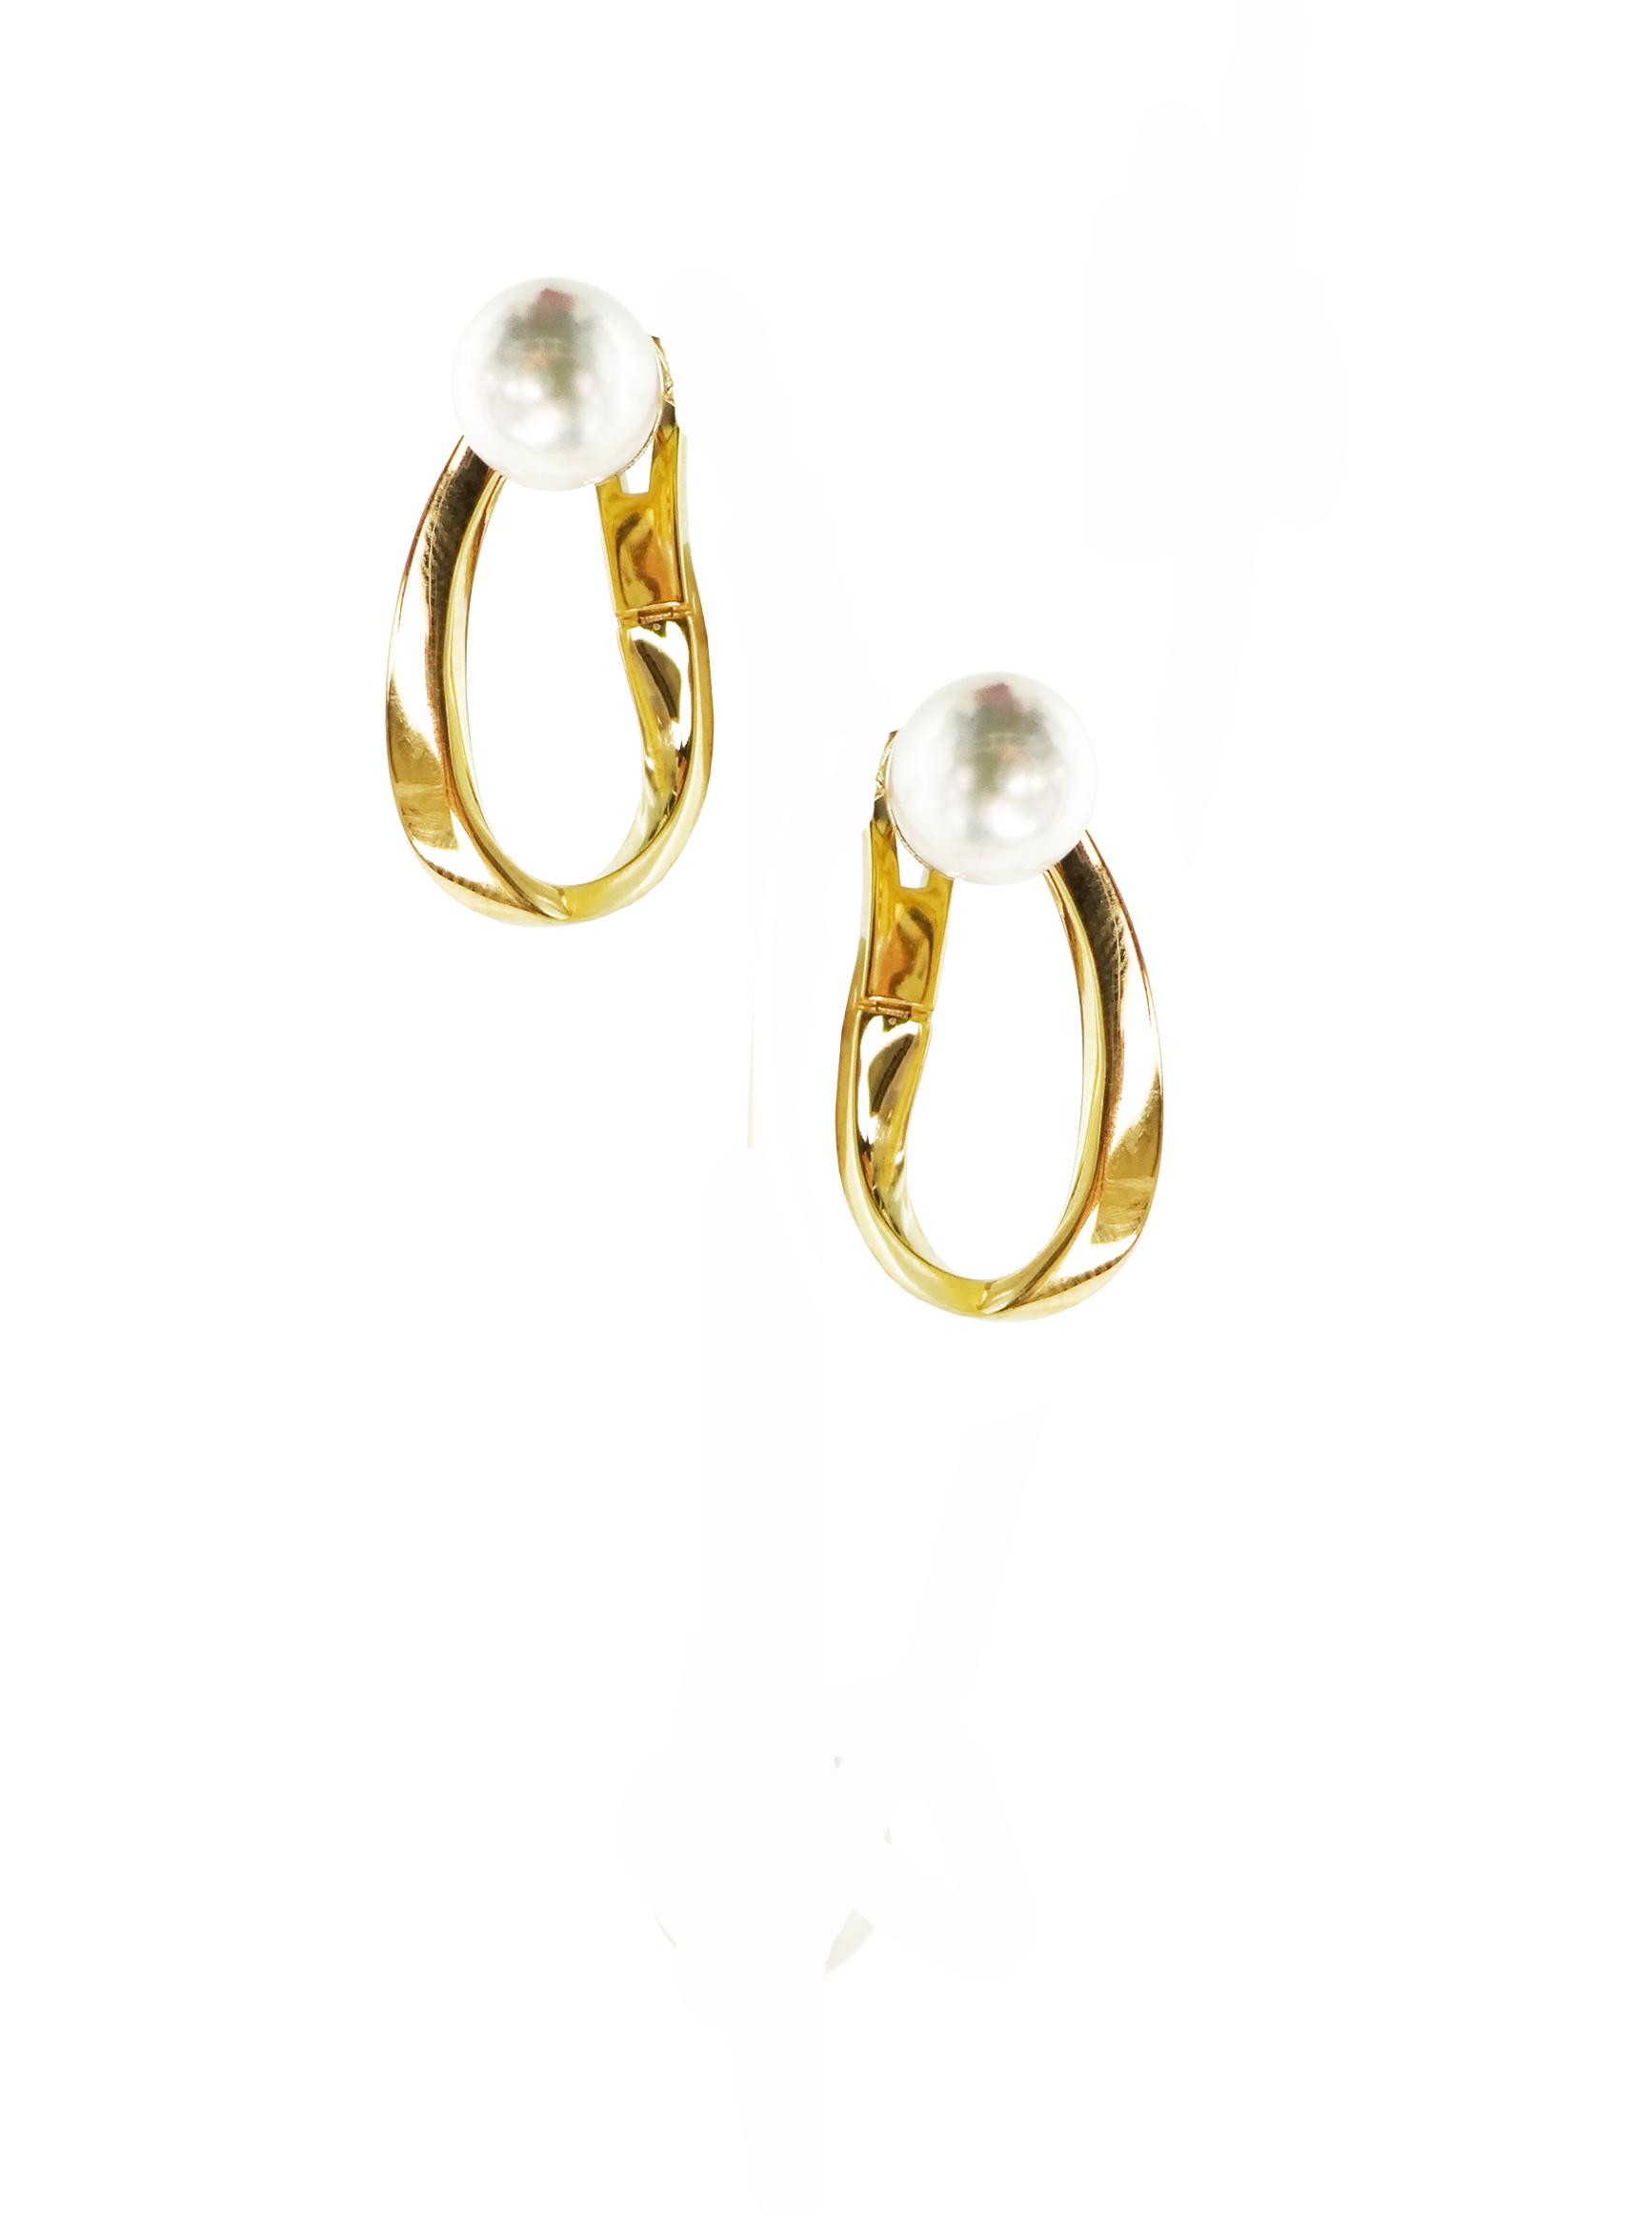 Orecchini in oro giallo18k con perle Akoya